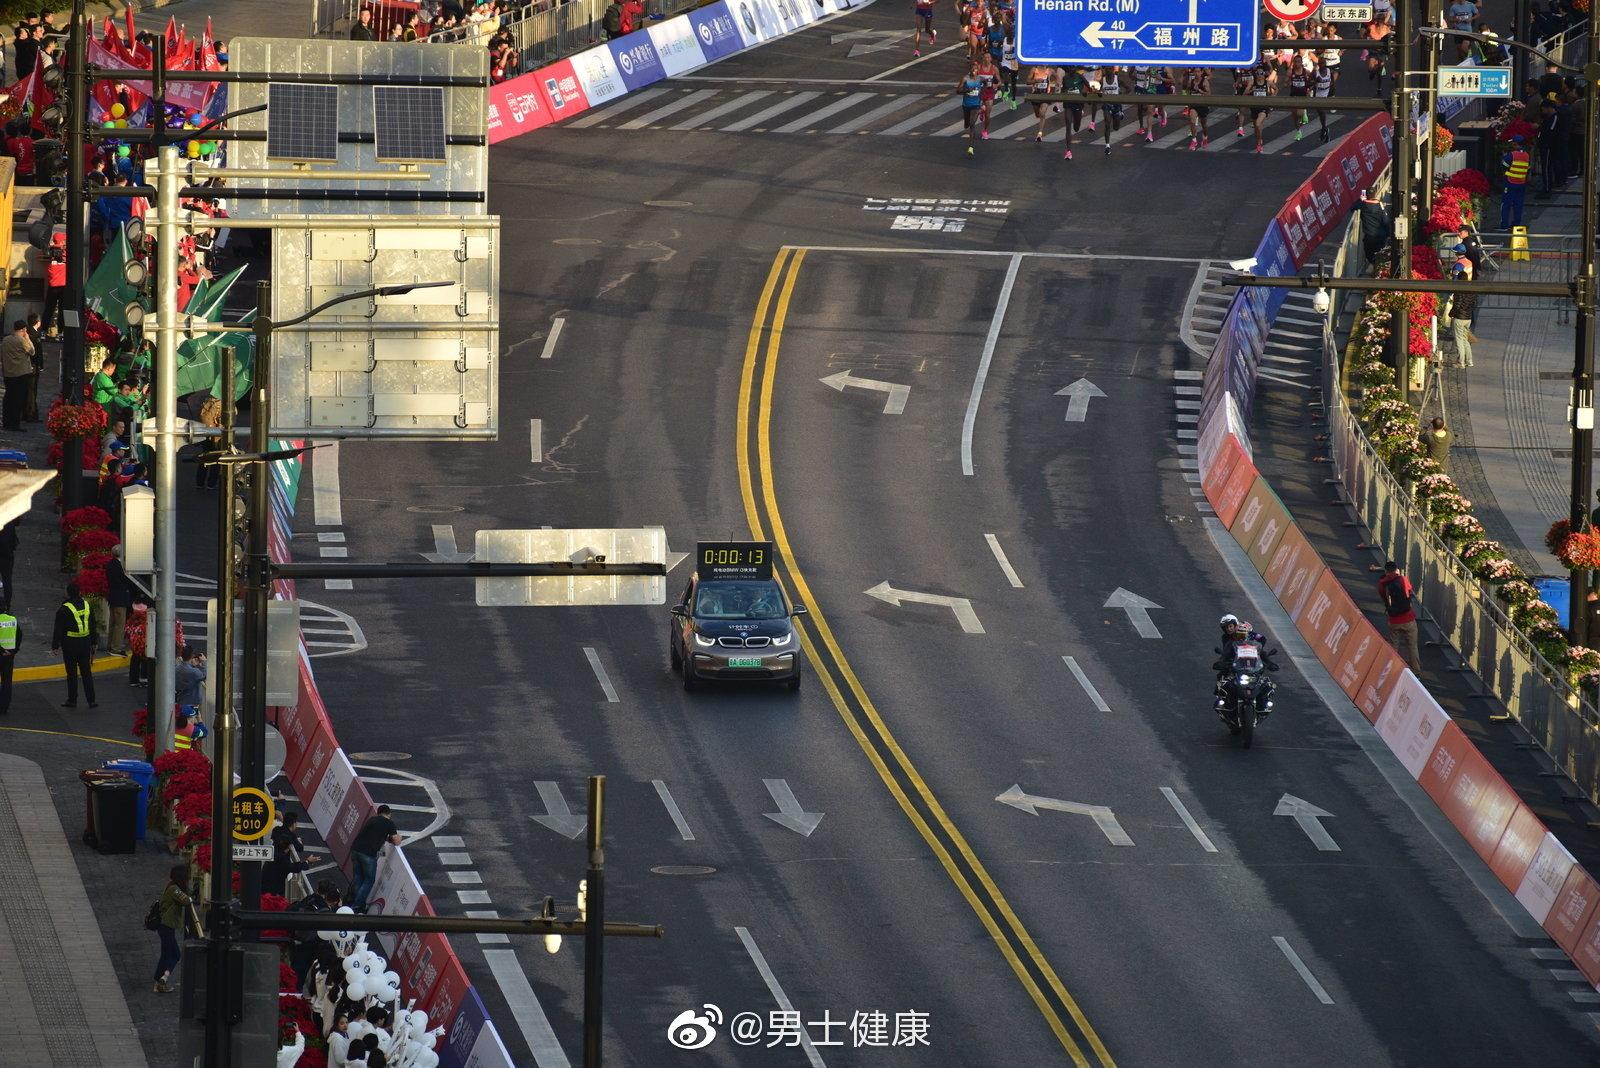 11月17日,第24届上海国际马拉松赛在外滩金牛广场鸣枪开跑